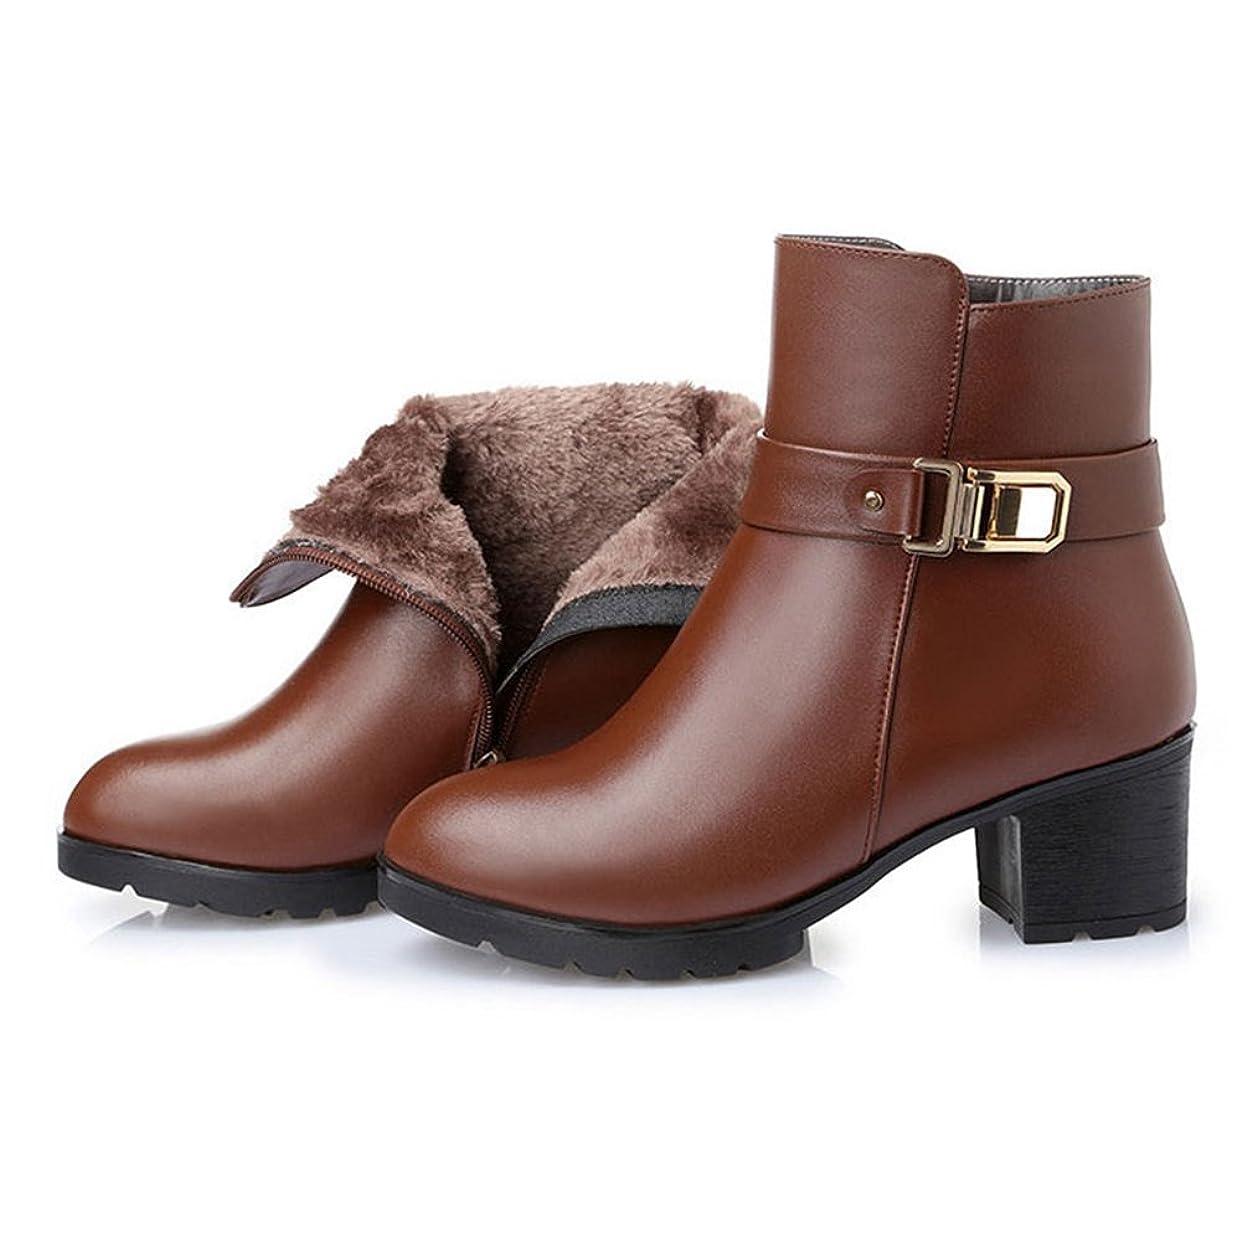 品種喜んでコンデンサー[サニーサニー] ブーツ レディース ショート レインブーツ 婦人靴 冬靴 防寒ブーツ 通勤 裏ボア 大きいサイズ 滑り止め ふわふわ フォーマル もこもこ ミドルヒール セクシー バックル スクエアヒール